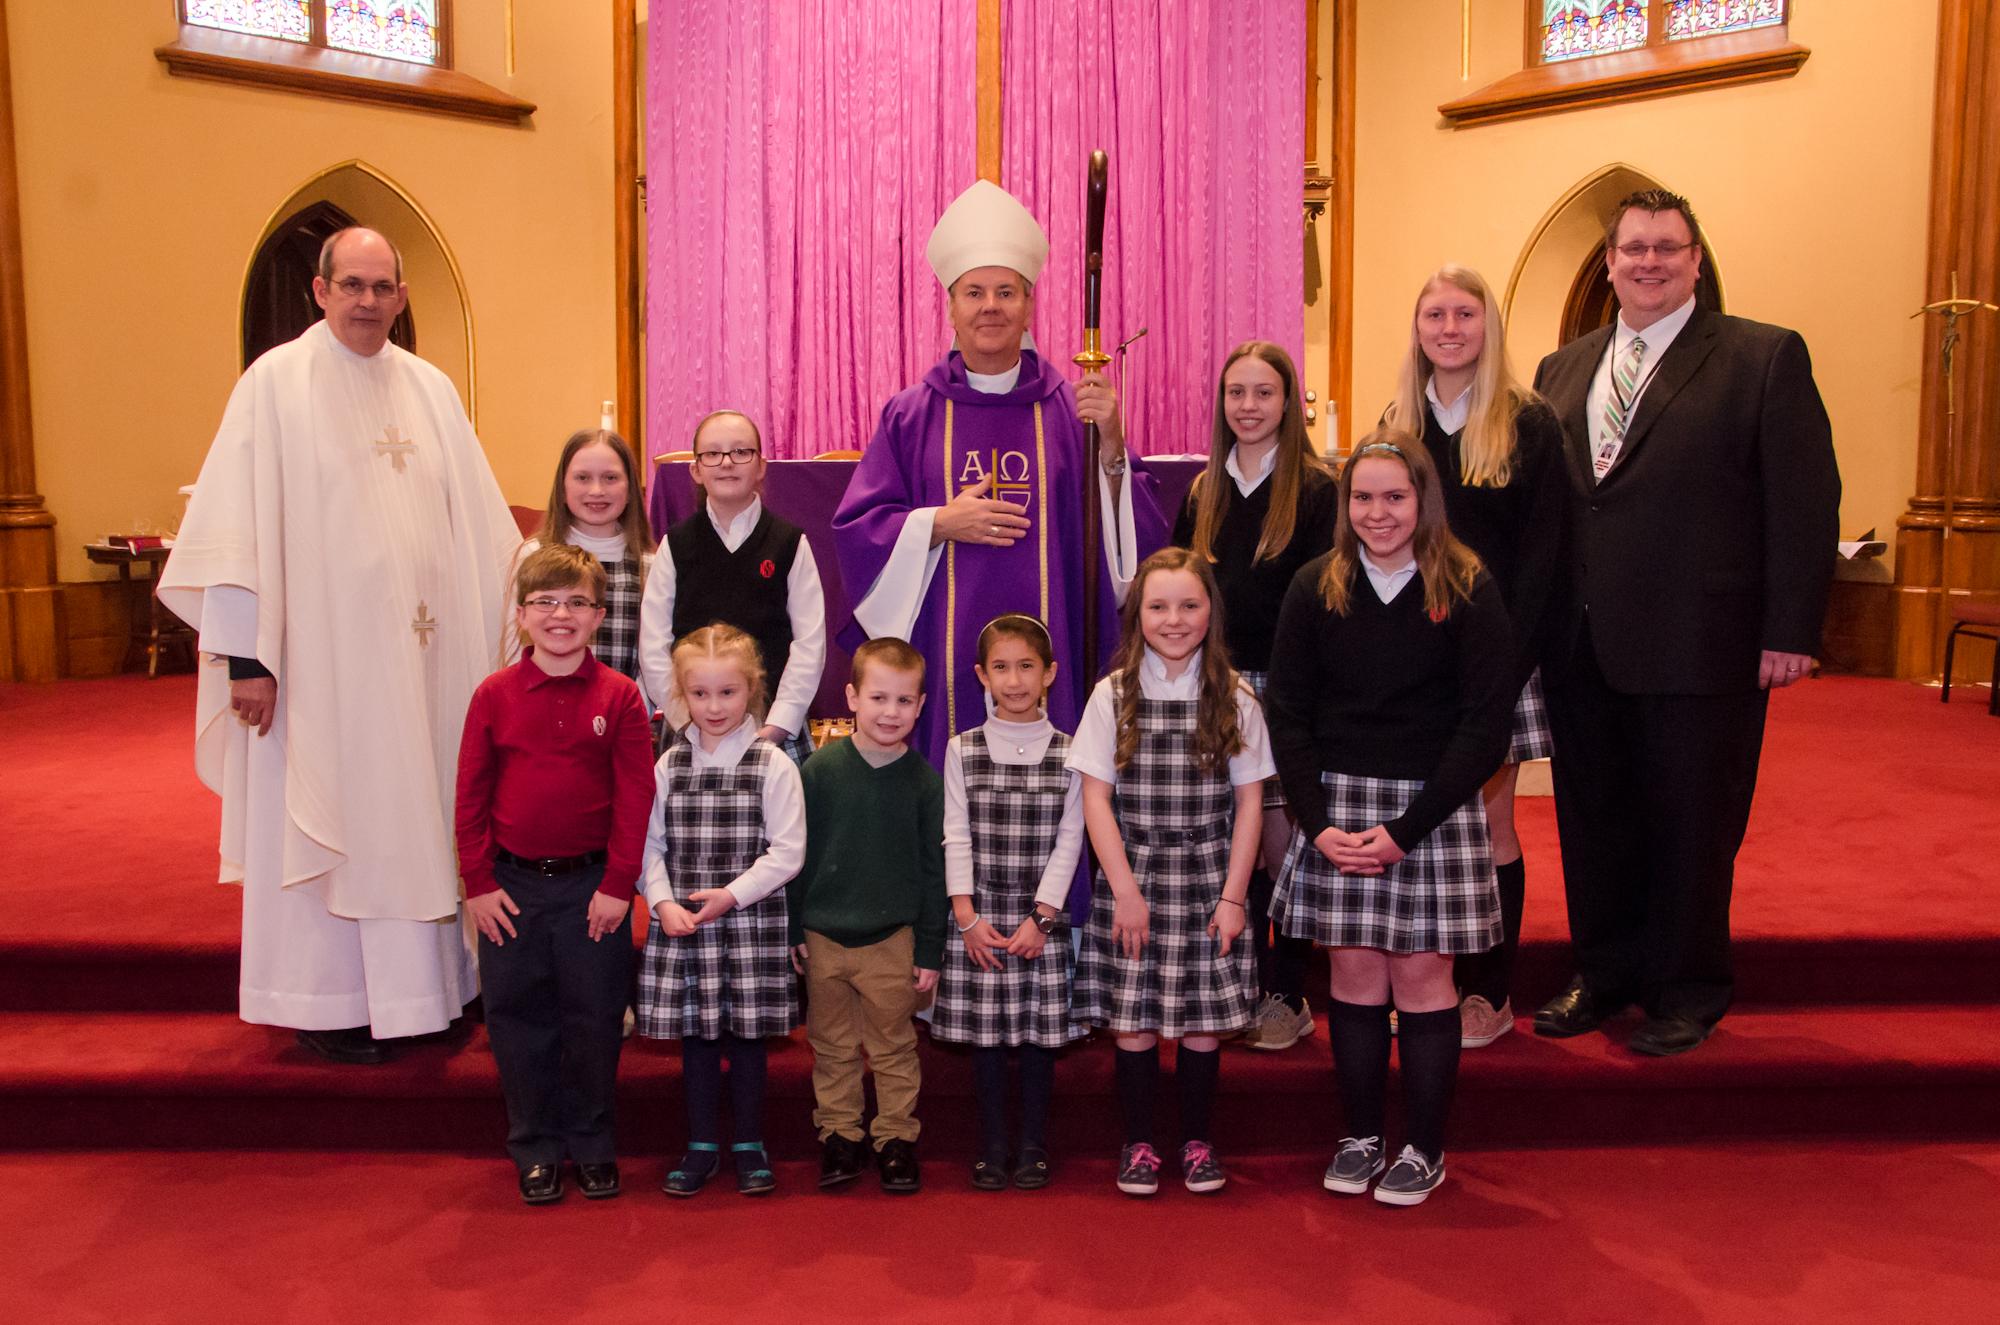 Bishop Mass